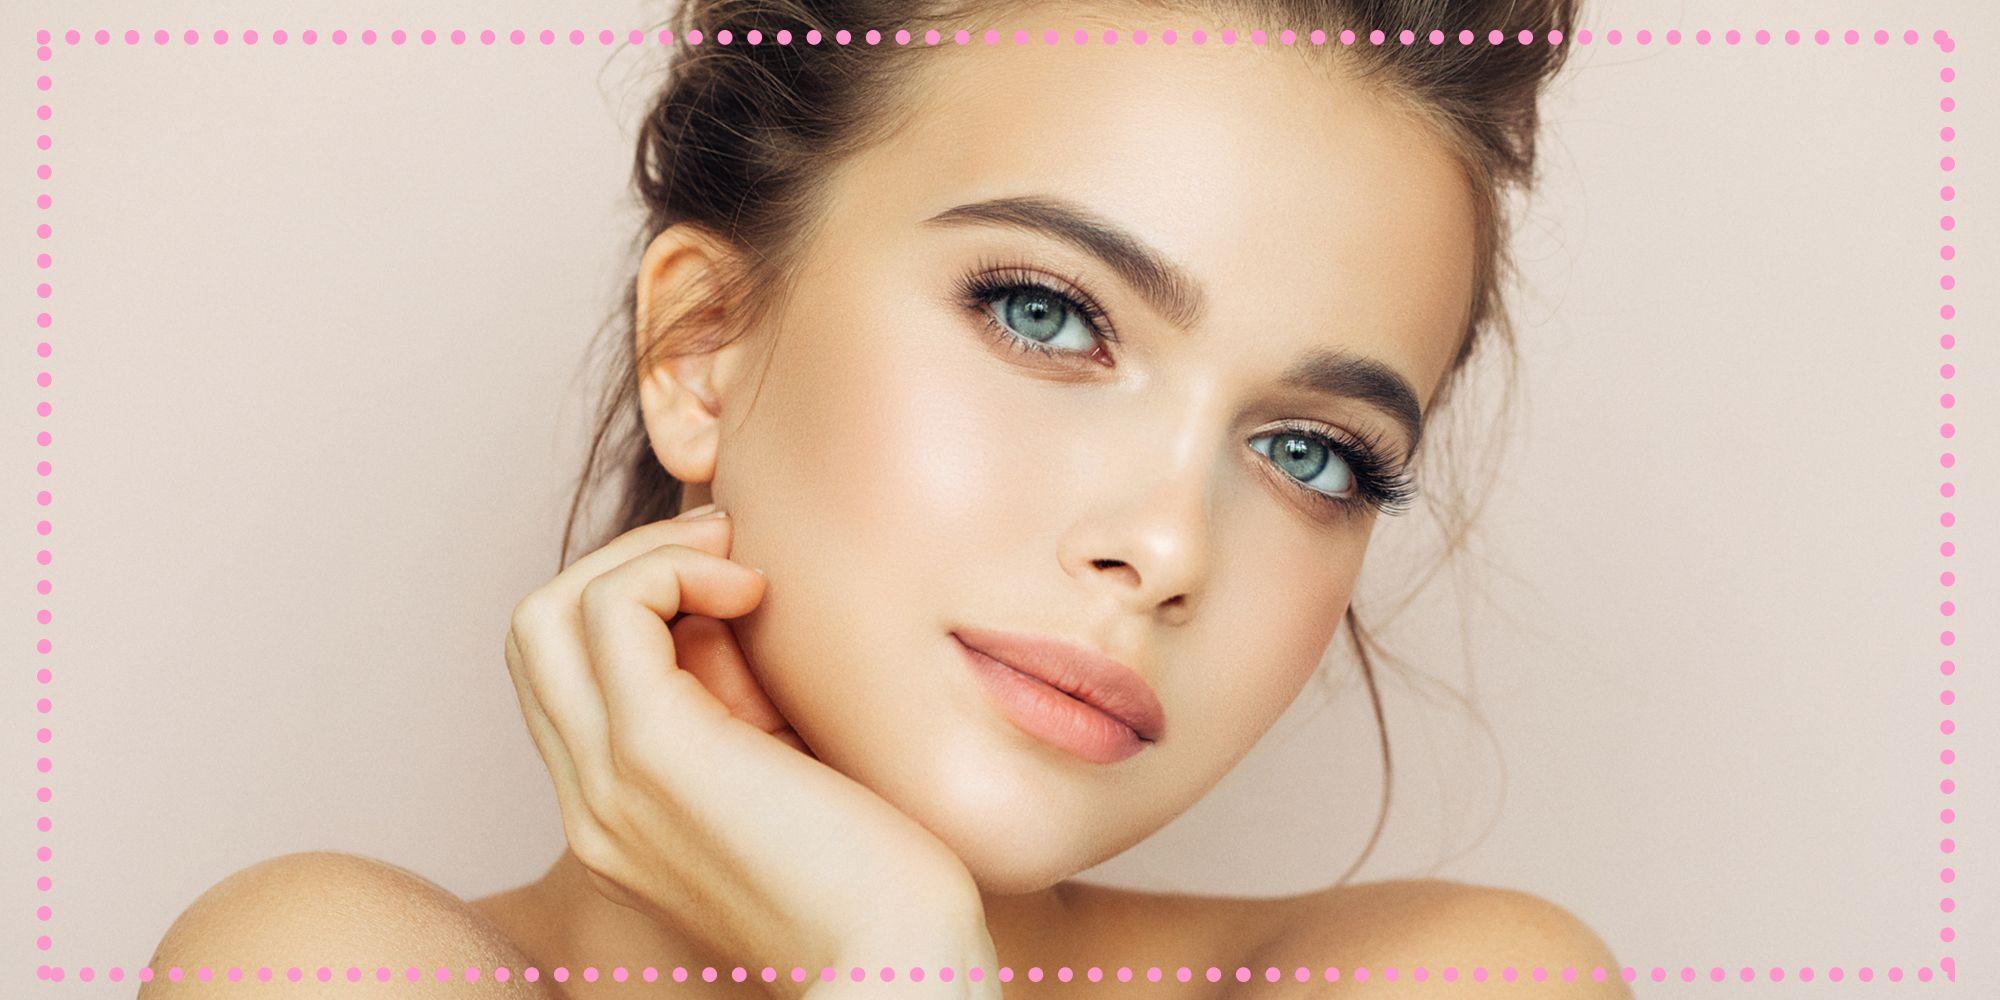 Pelle sensibile ed esfoliazione, tutto quello che devi sapere prima di fare lo scrub al tuo viso delicato